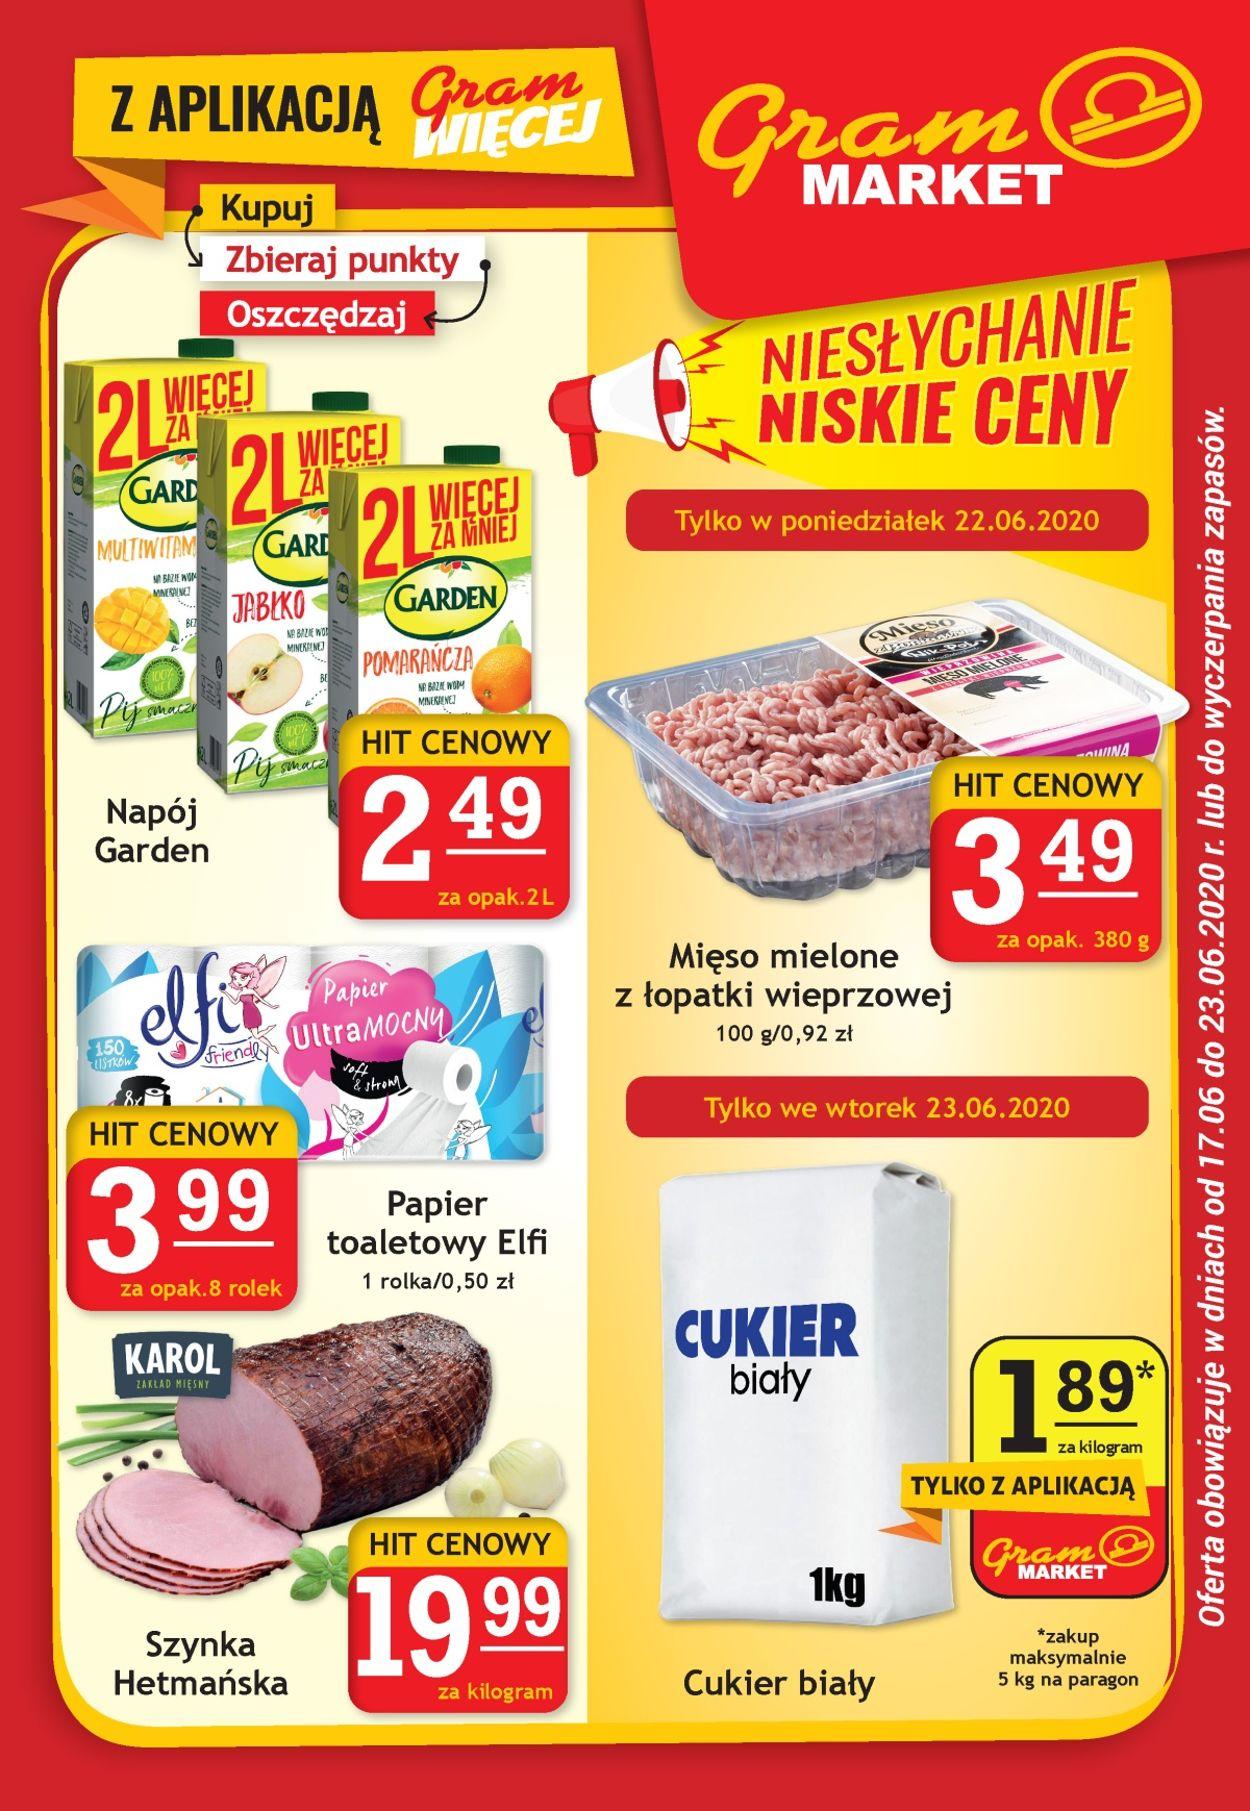 Gazetka promocyjna Gram Market - 17.06-23.06.2020